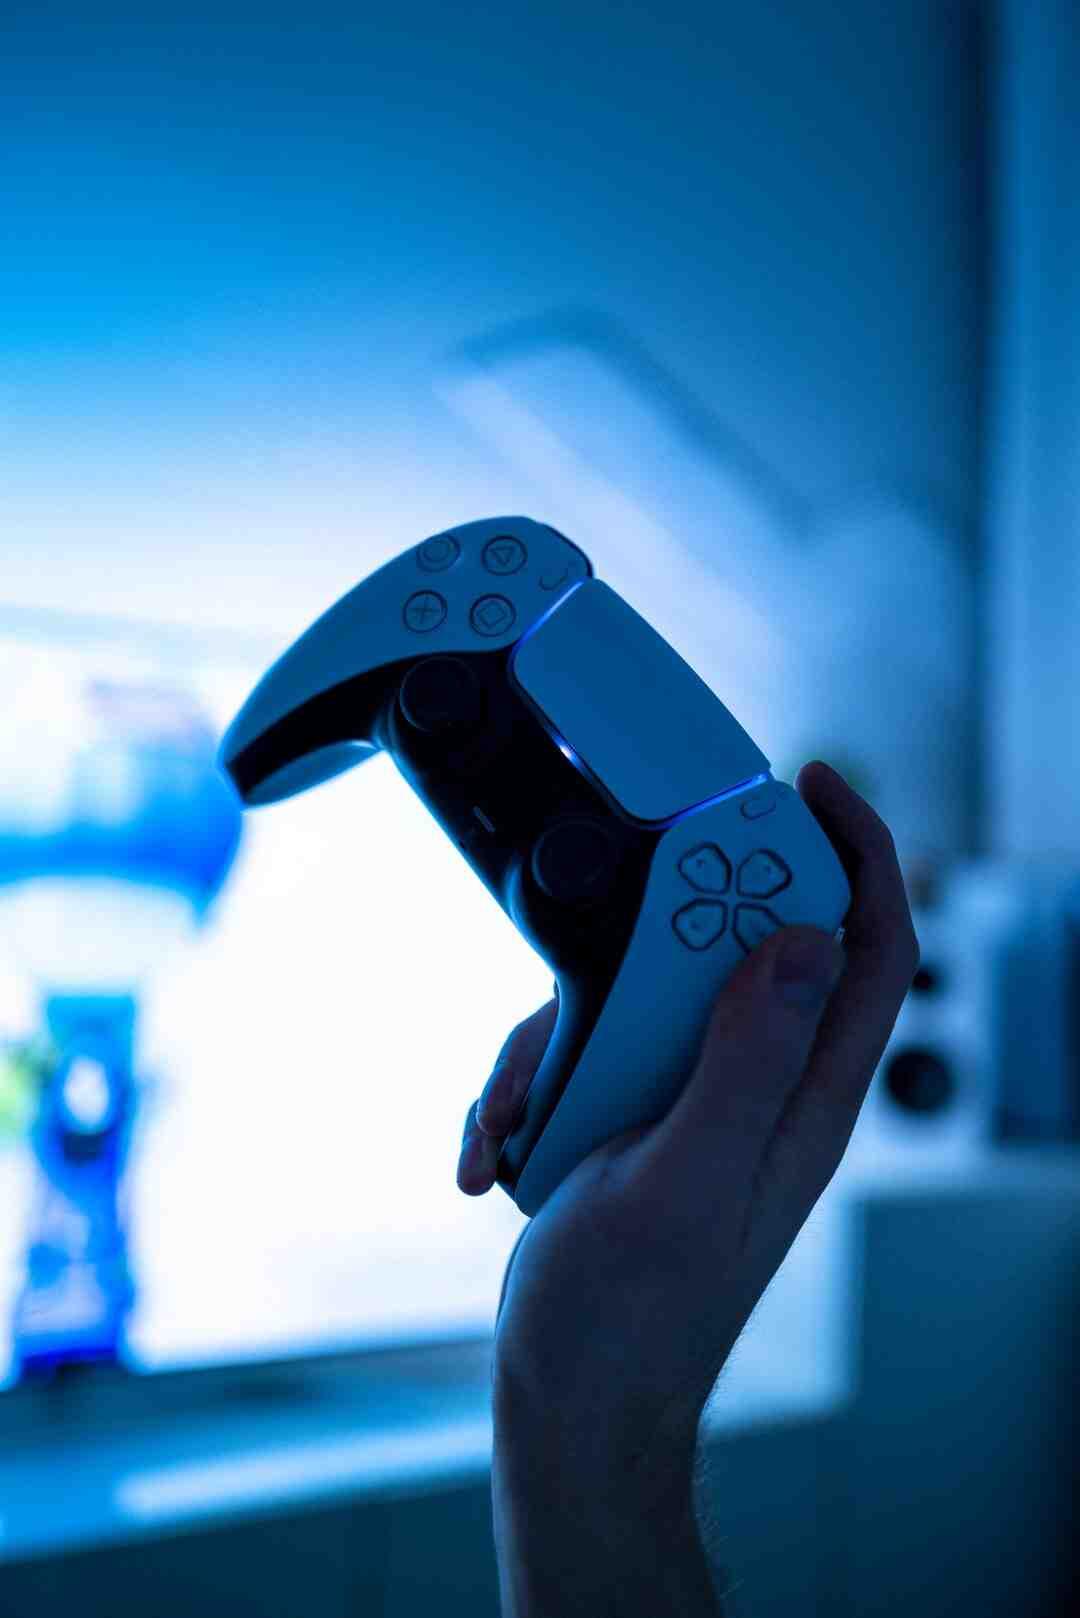 Quand Pourra-t-on acheter la PS5 ?